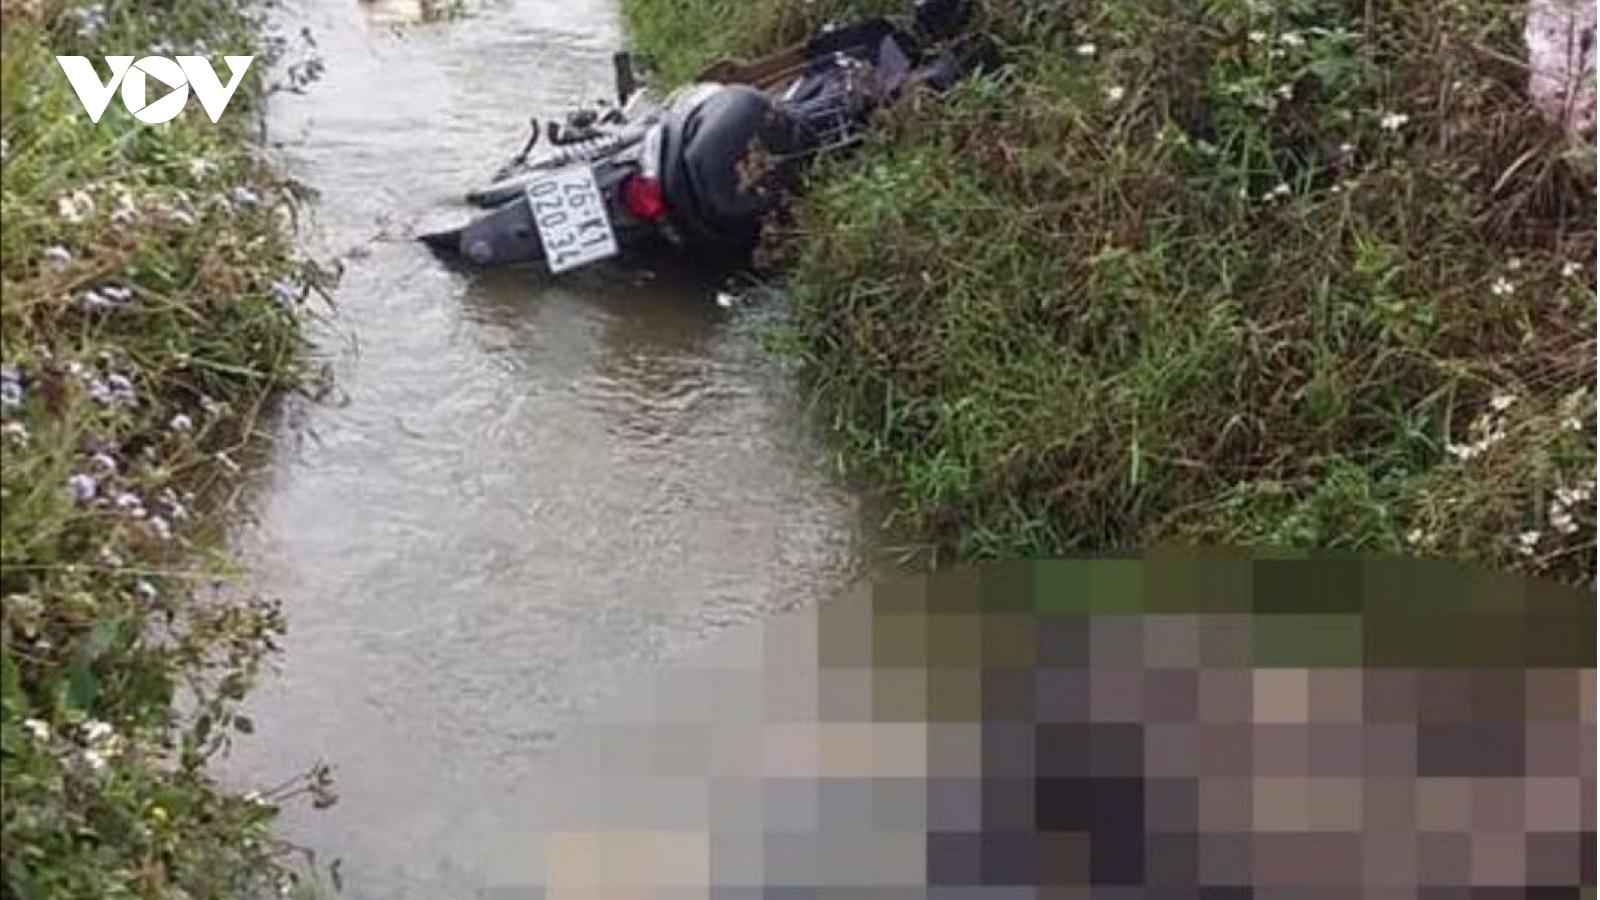 Phát hiện 1 người đàn ông tử vong dưới mương nước cạnh Quốc lộ 6